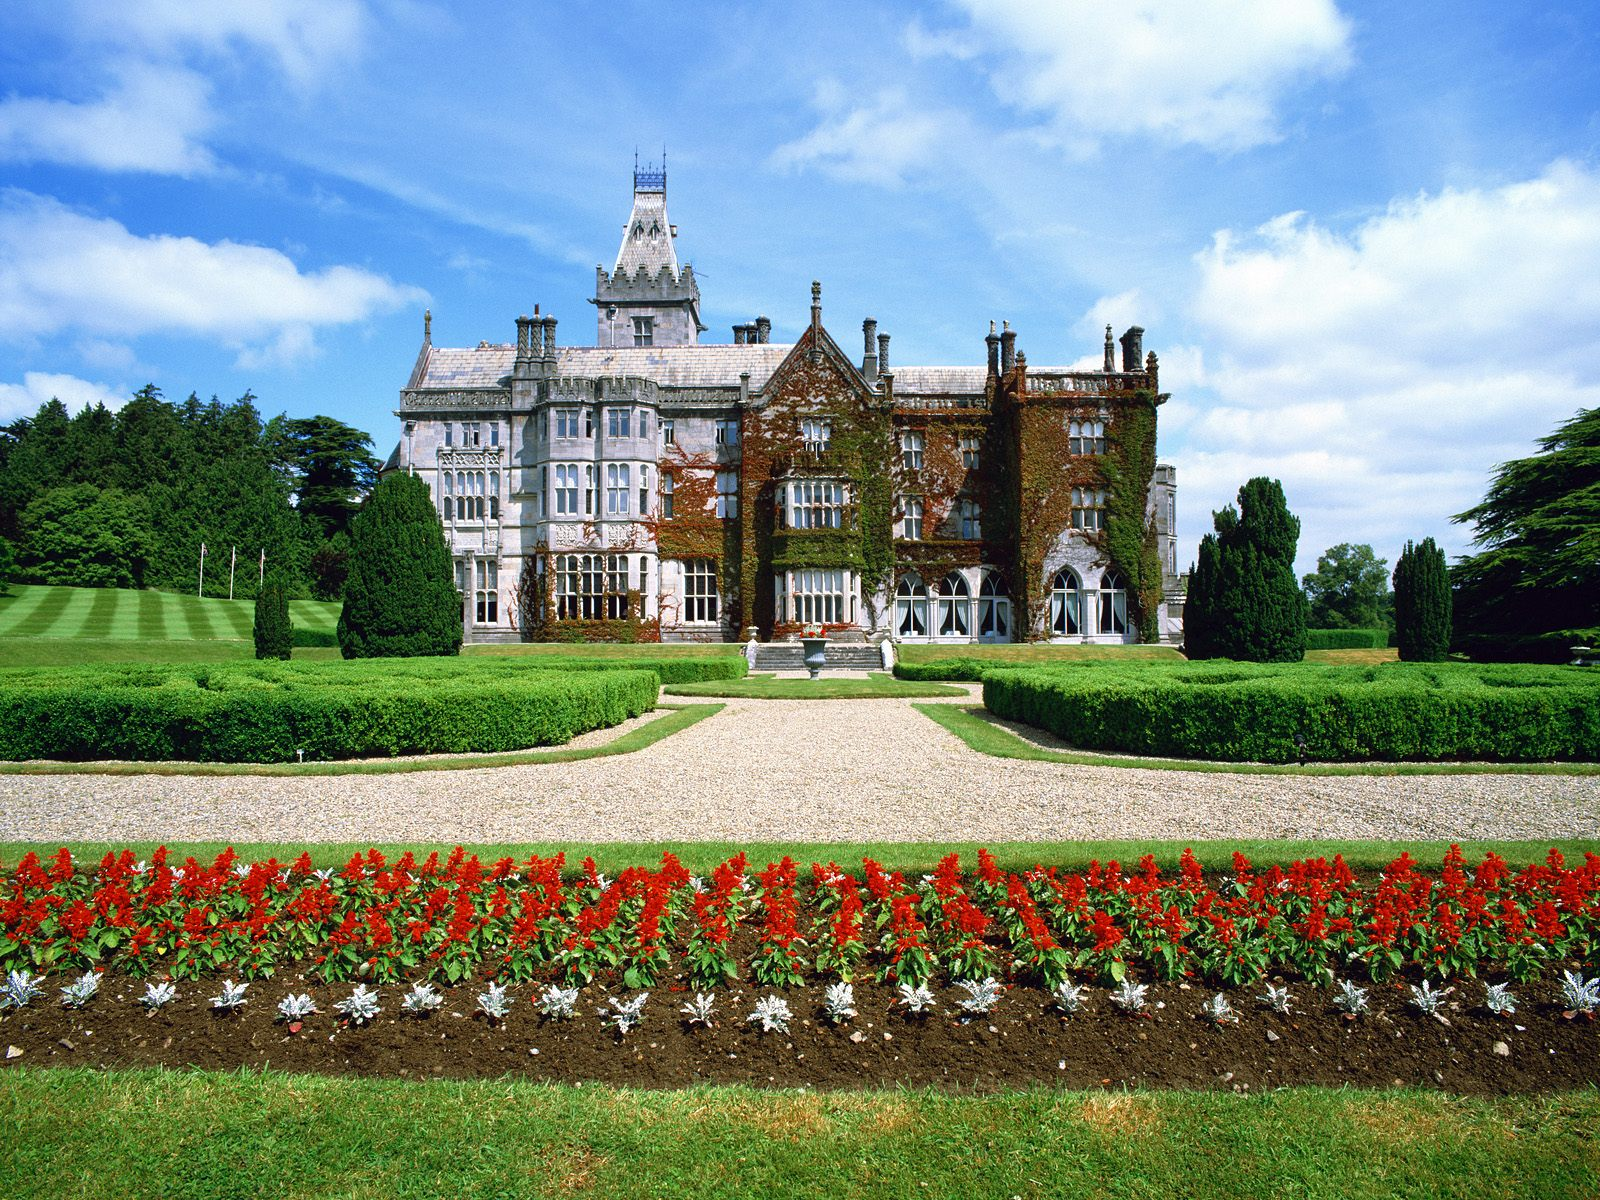 http://2.bp.blogspot.com/_BvTQDfwLKYY/TFUxwp0oSYI/AAAAAAAAAoI/EfsfkW8OVmA/s1600/travel+(7).jpg